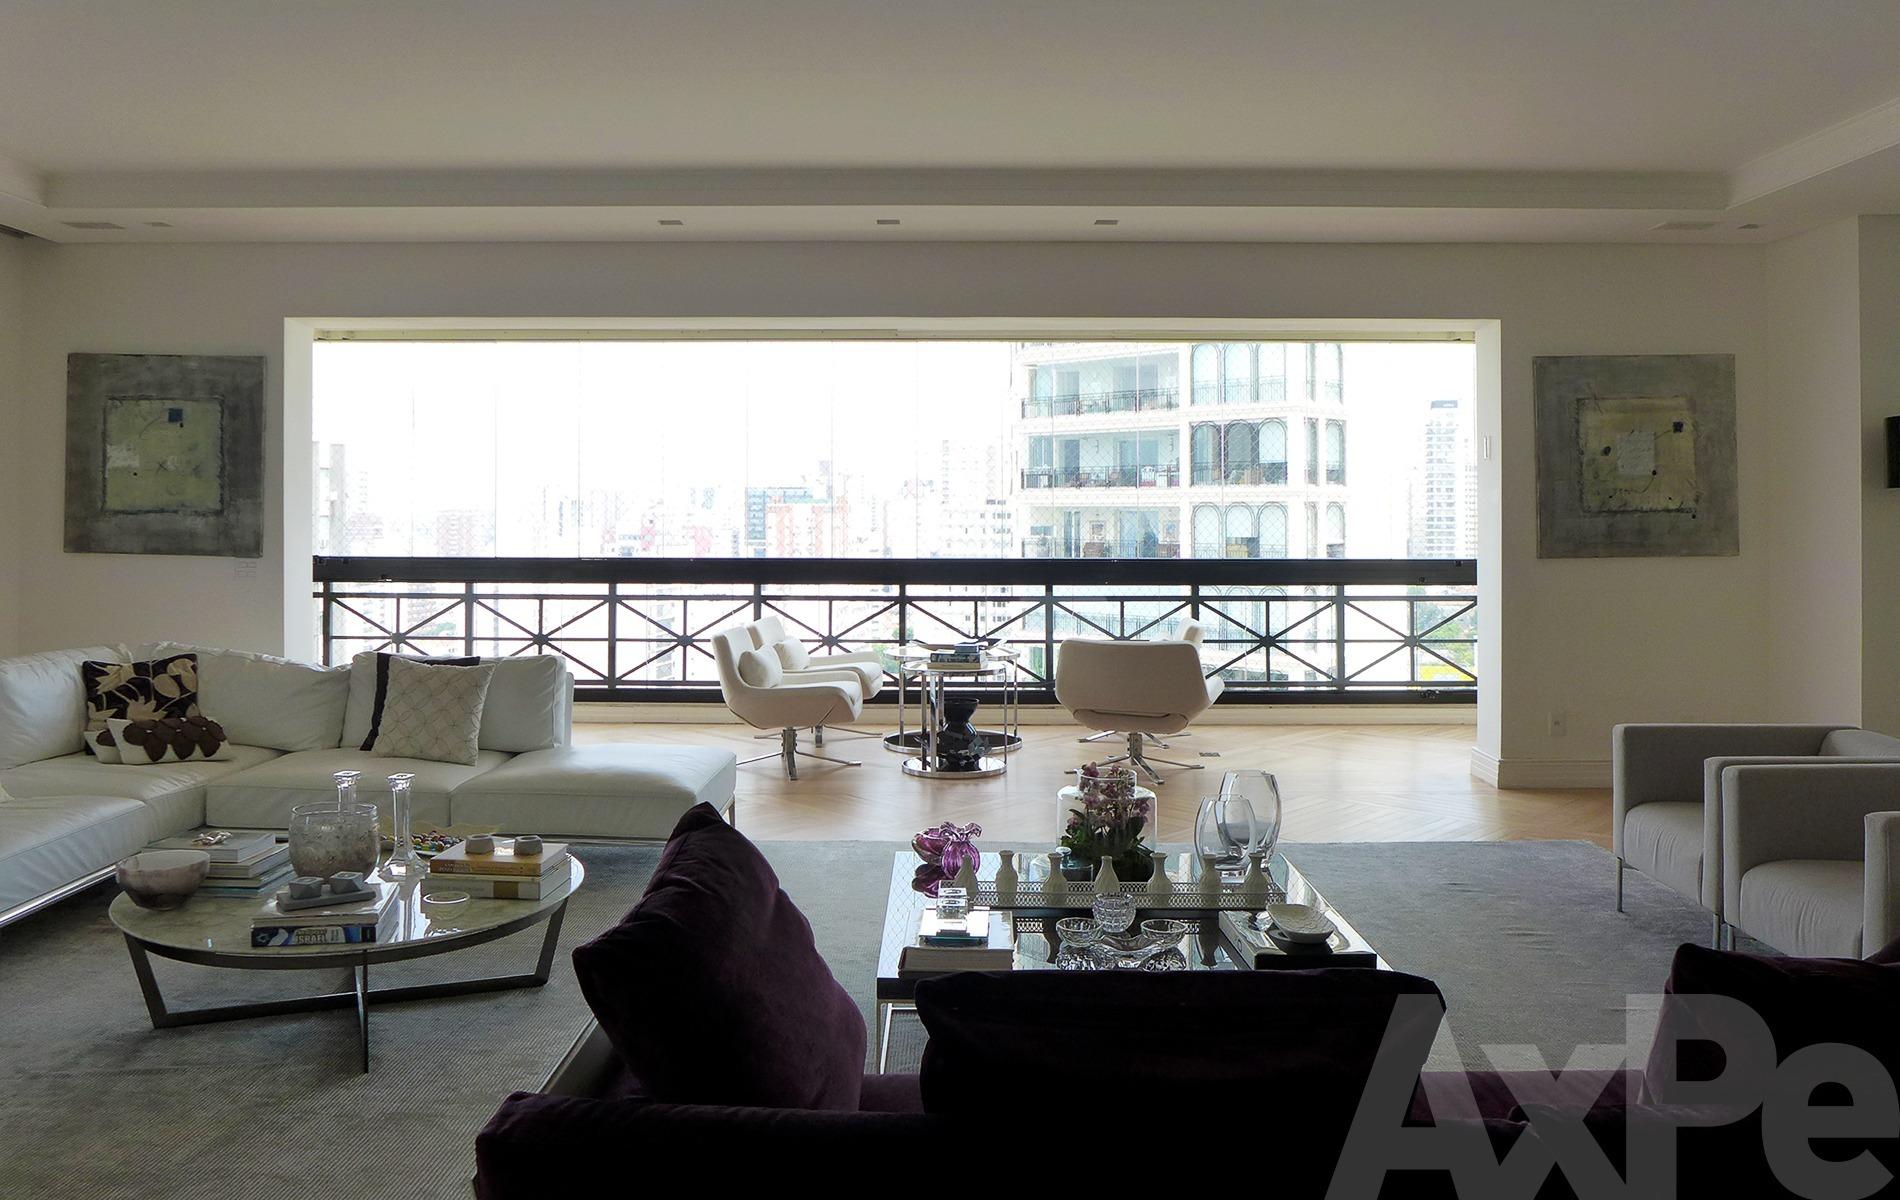 Axpe Apartamento - AX133098